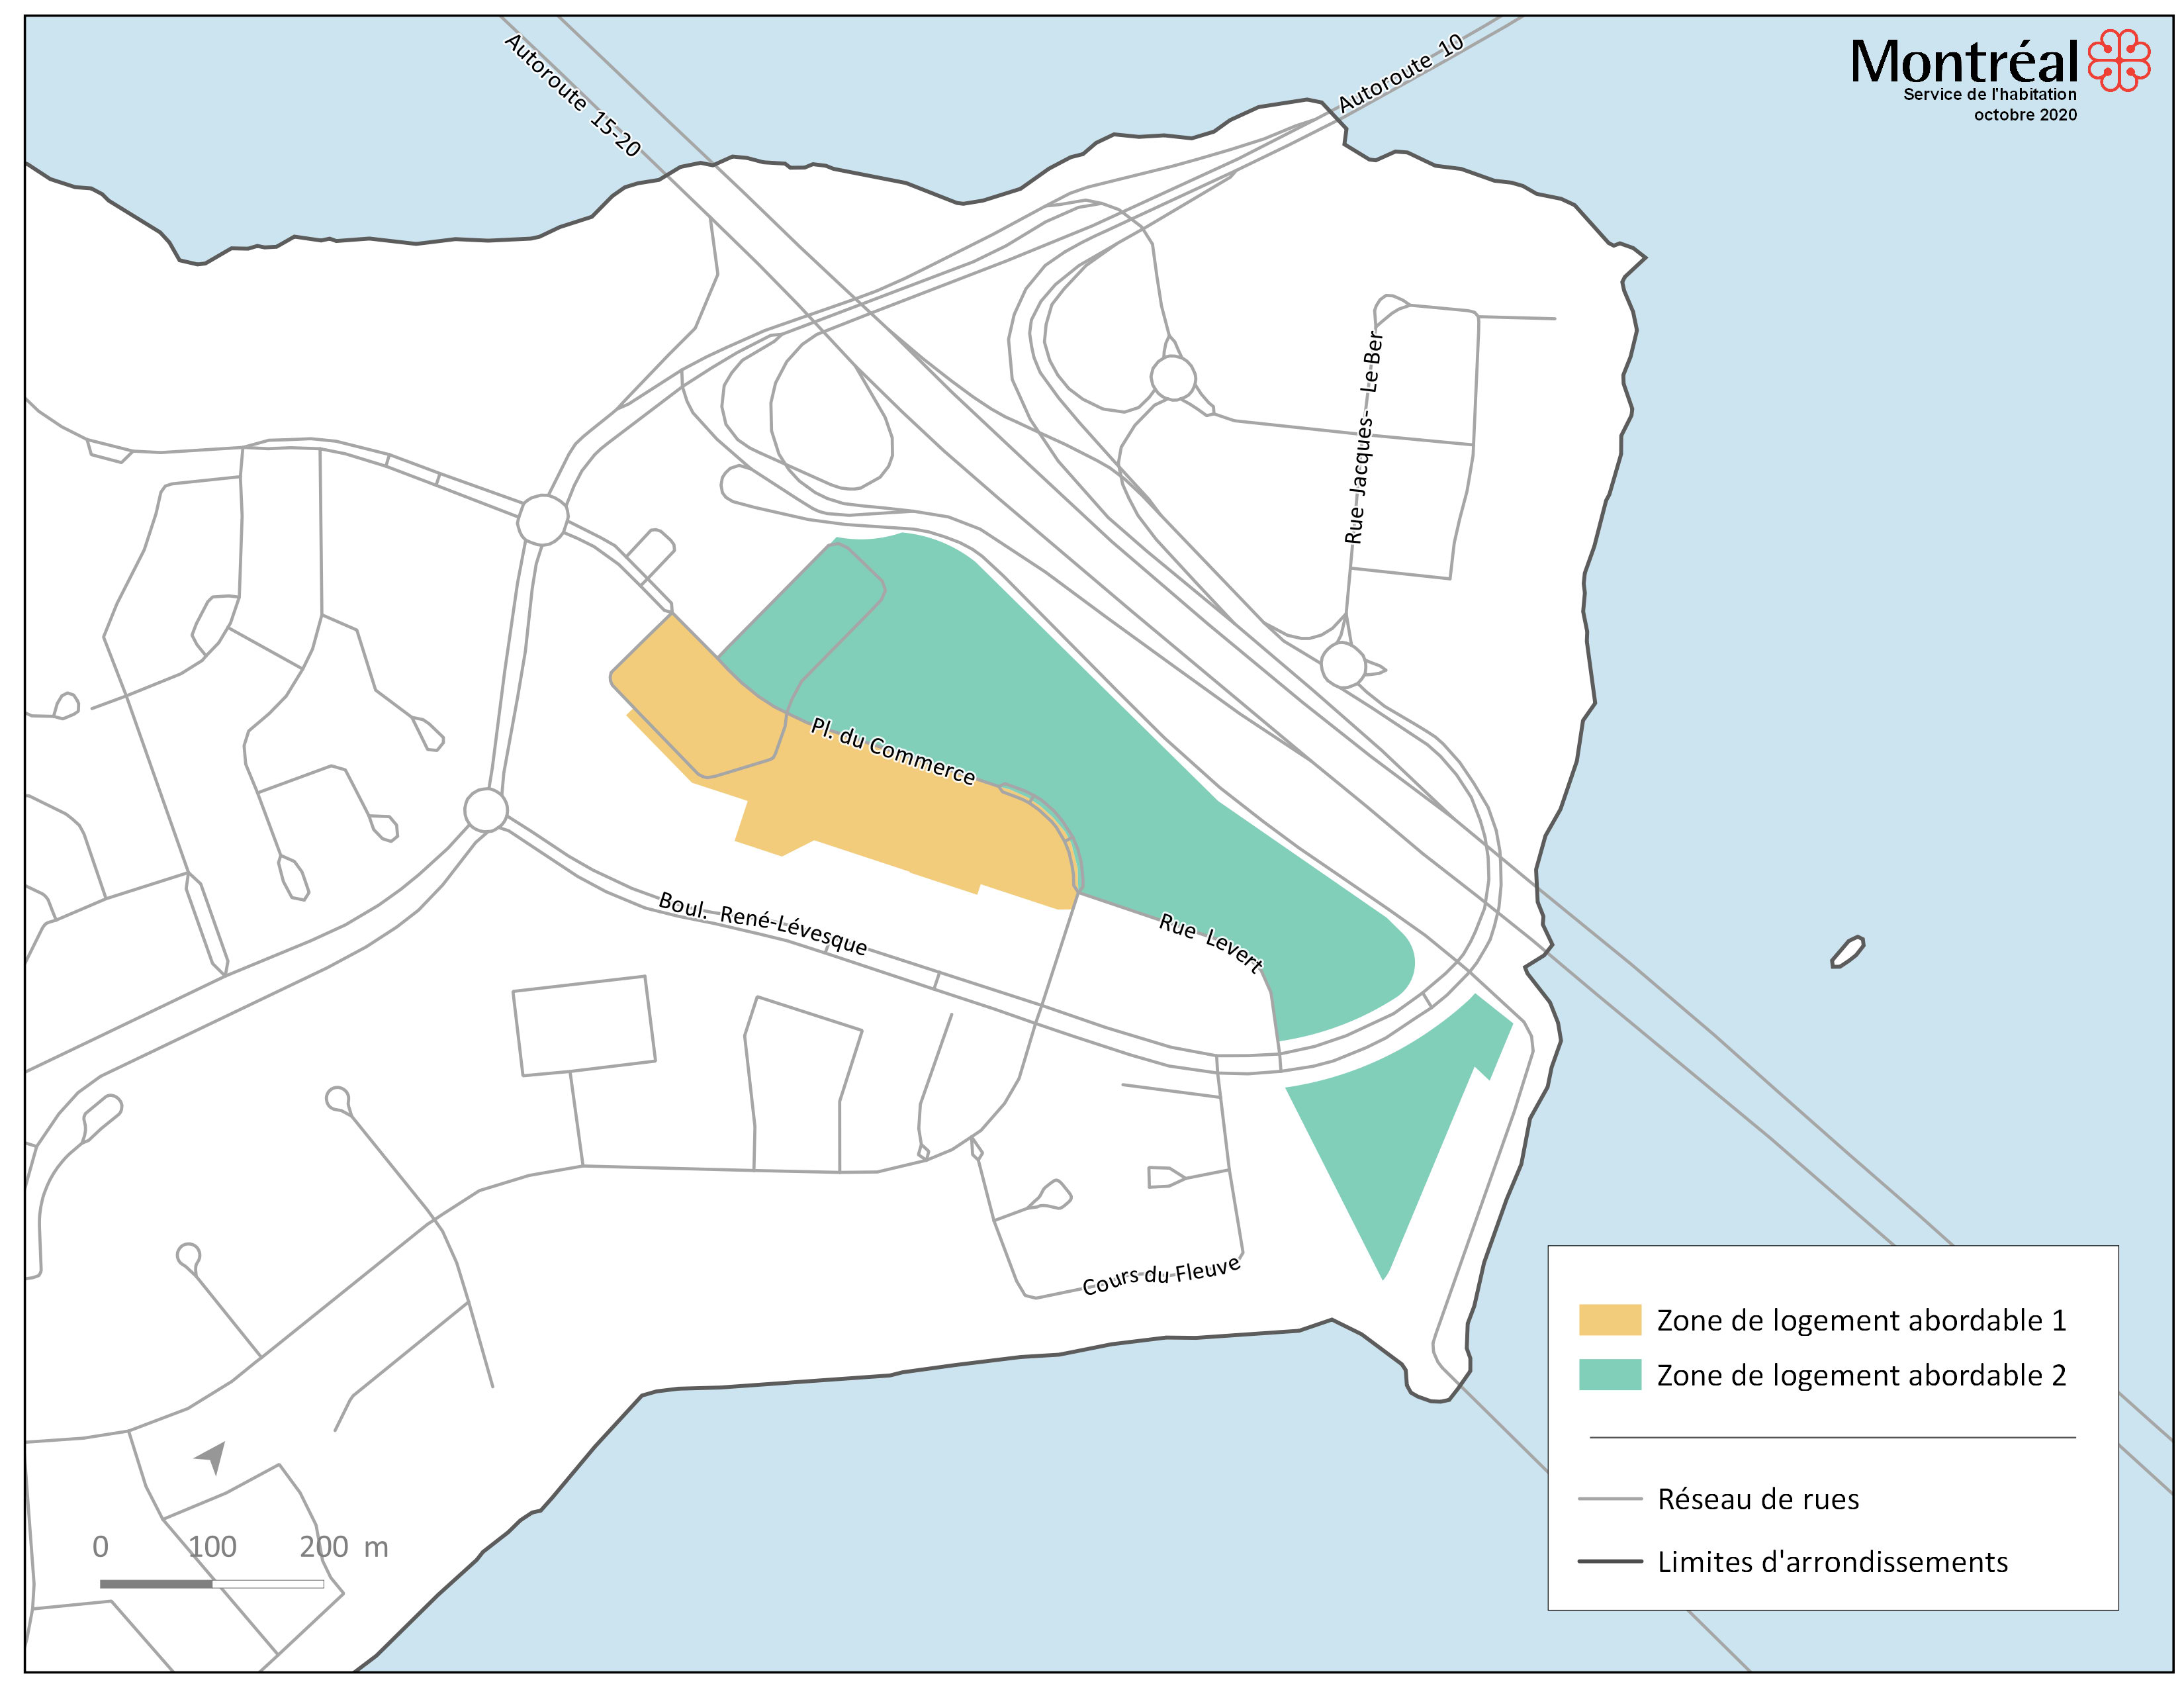 Zones de logement abordable - Île-des-Soeurs